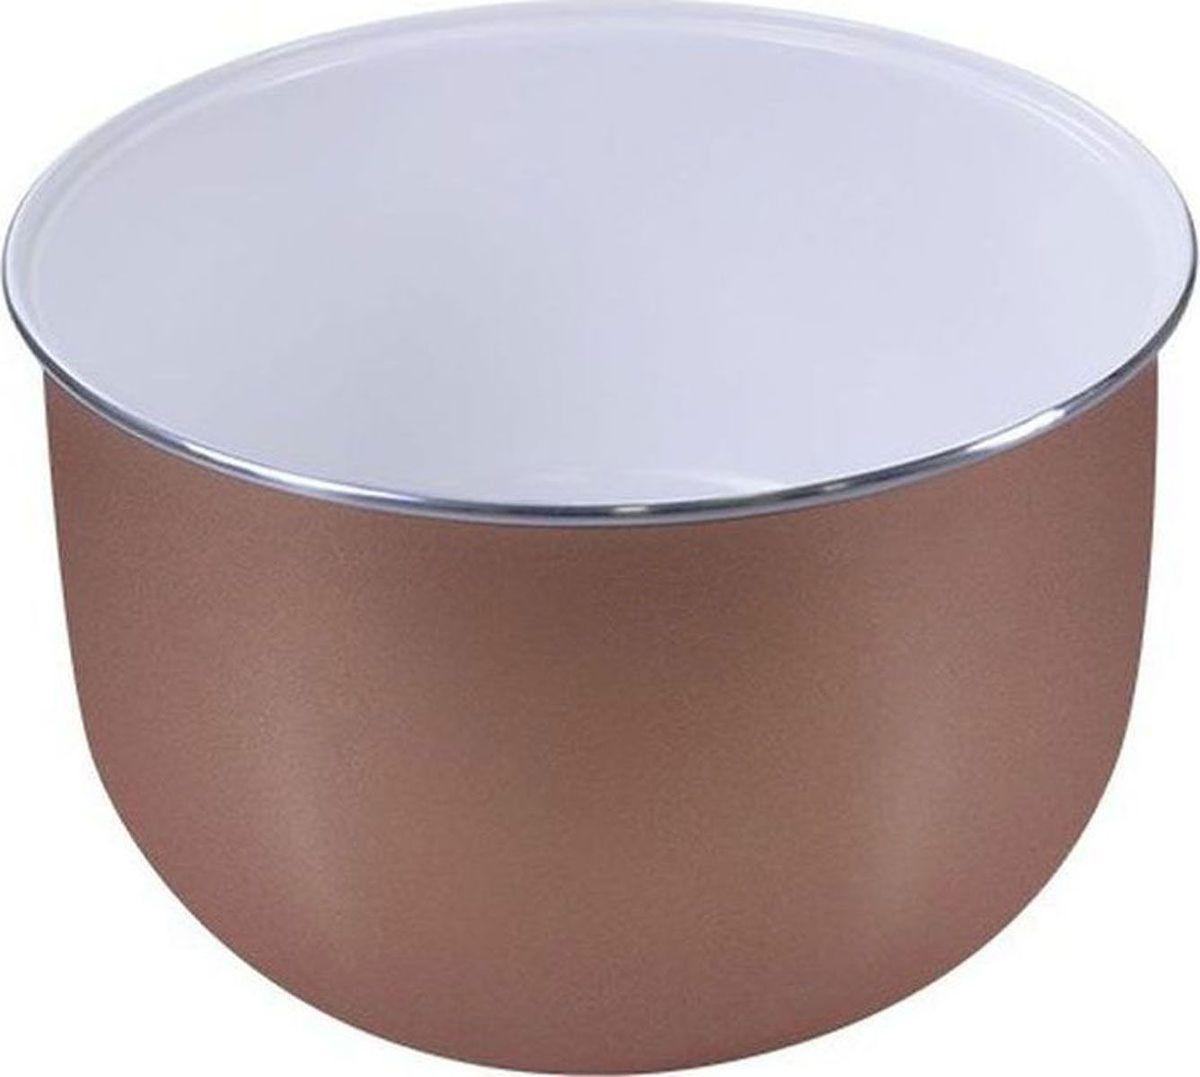 Marta MT-MC3121 Ceramic, White чаша для мультиварки, 5 лMT-MC3121Толстостенная чаша Marta MT-MC3121 для использования в 5-литровых мультиварках, кроме мультиварок-скороварок.Благодаря толстым стенкам равномерно распределяет тепло, обеспечивая приготовление пищи без пригорания.Внутреннее двухслойное керамическое покрытие чаши с антибактериальным эффектом, сохранит все полезныесвойства продуктов, их натуральный вкус и аромат.